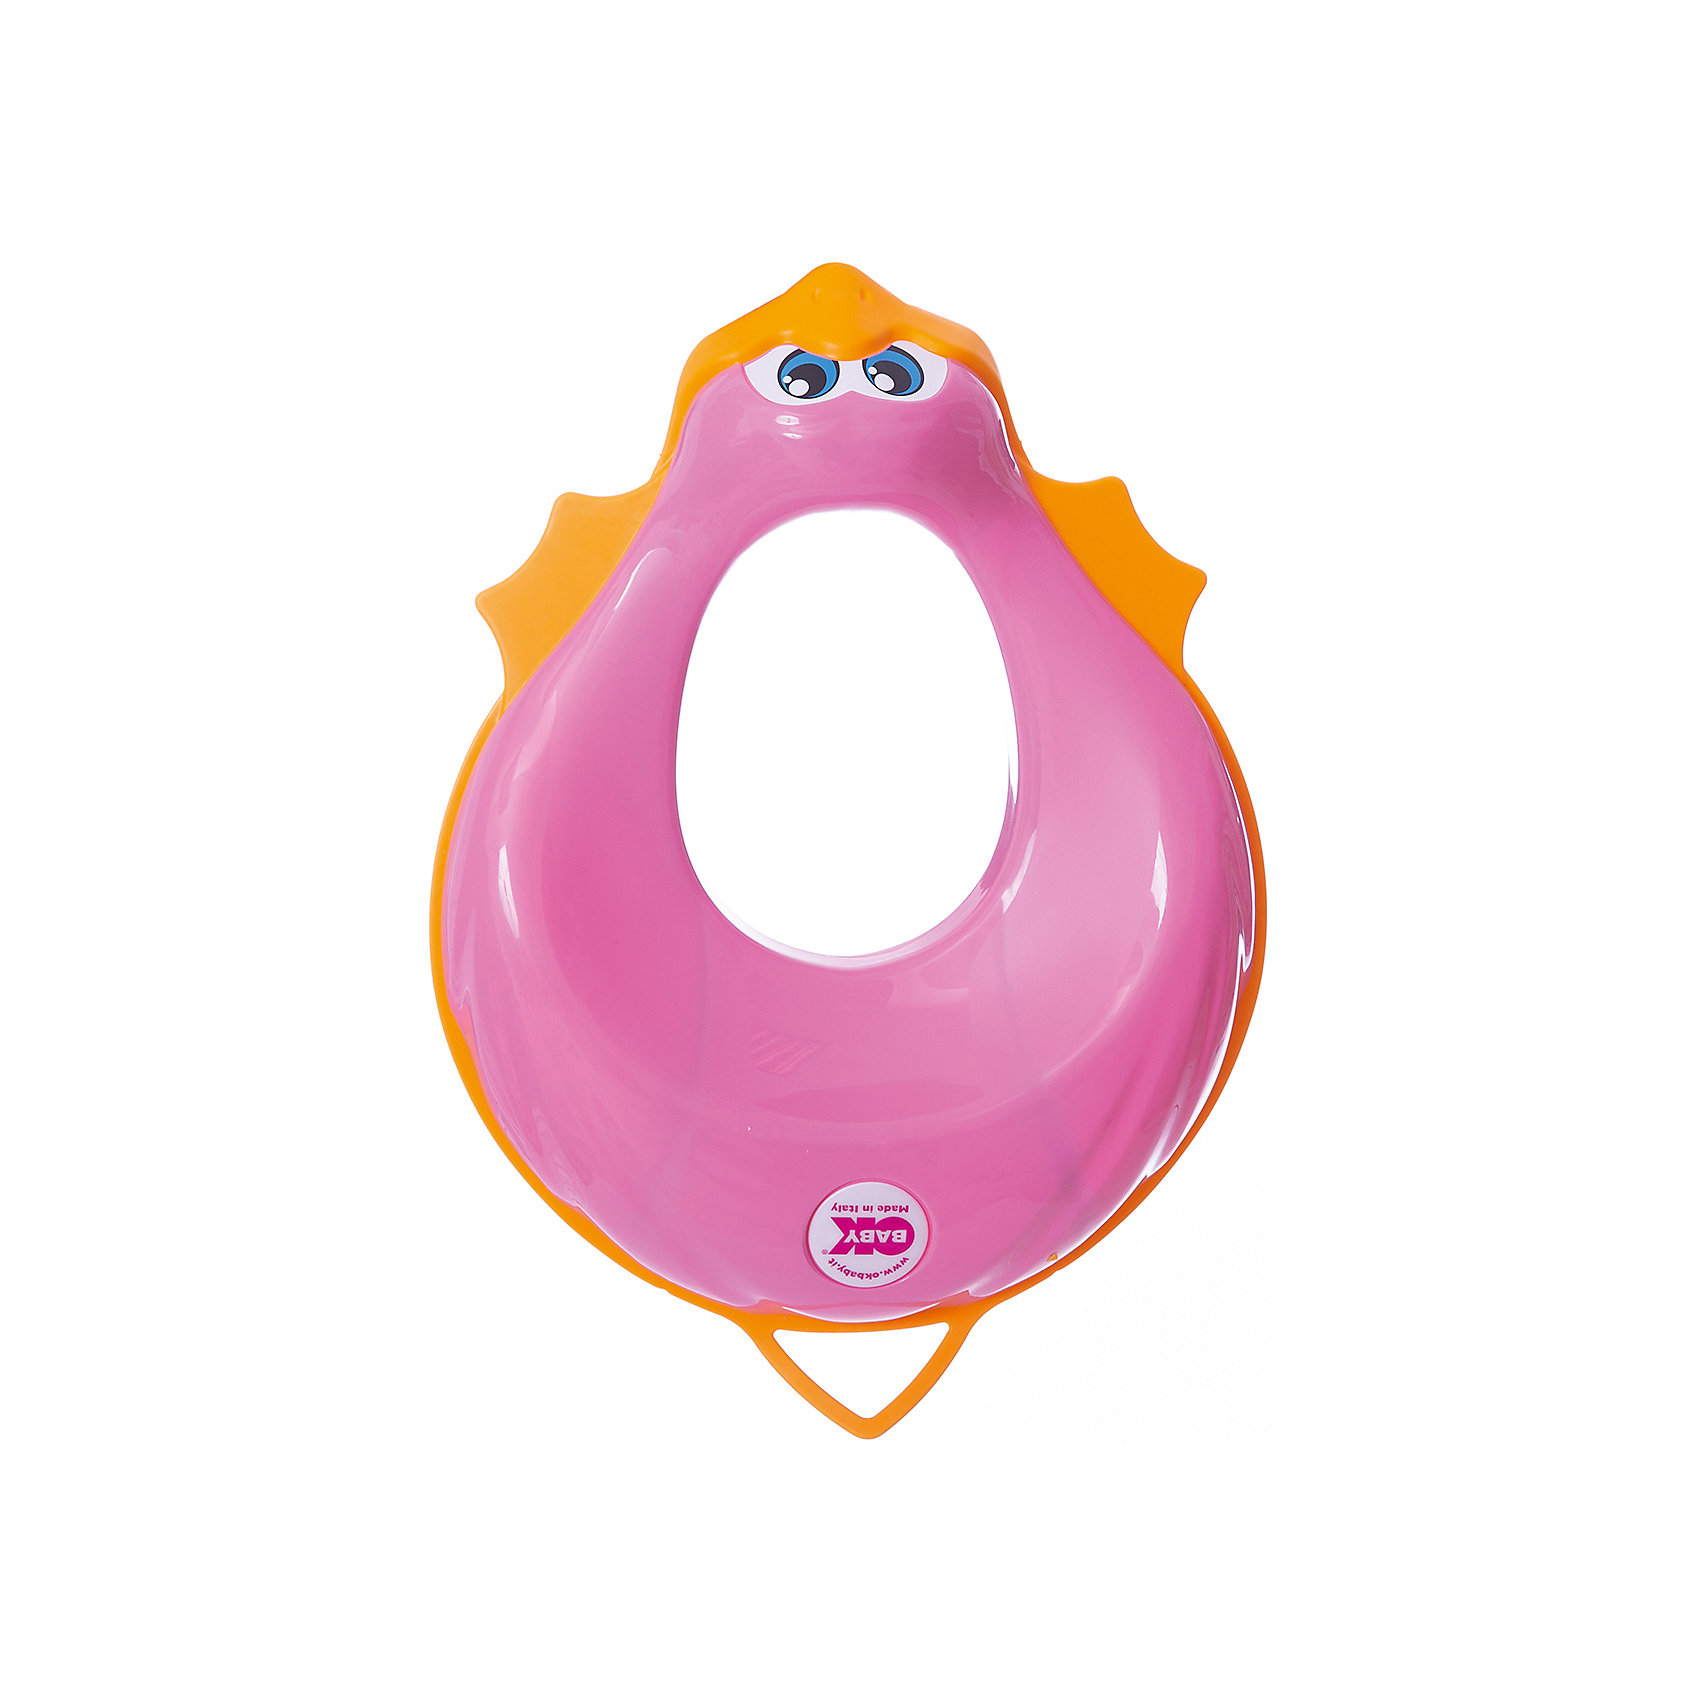 OK Baby Накладка на унитаз, Ducka, Ok Baby, розовый куплю унитаз недорого в ижевске в магазине